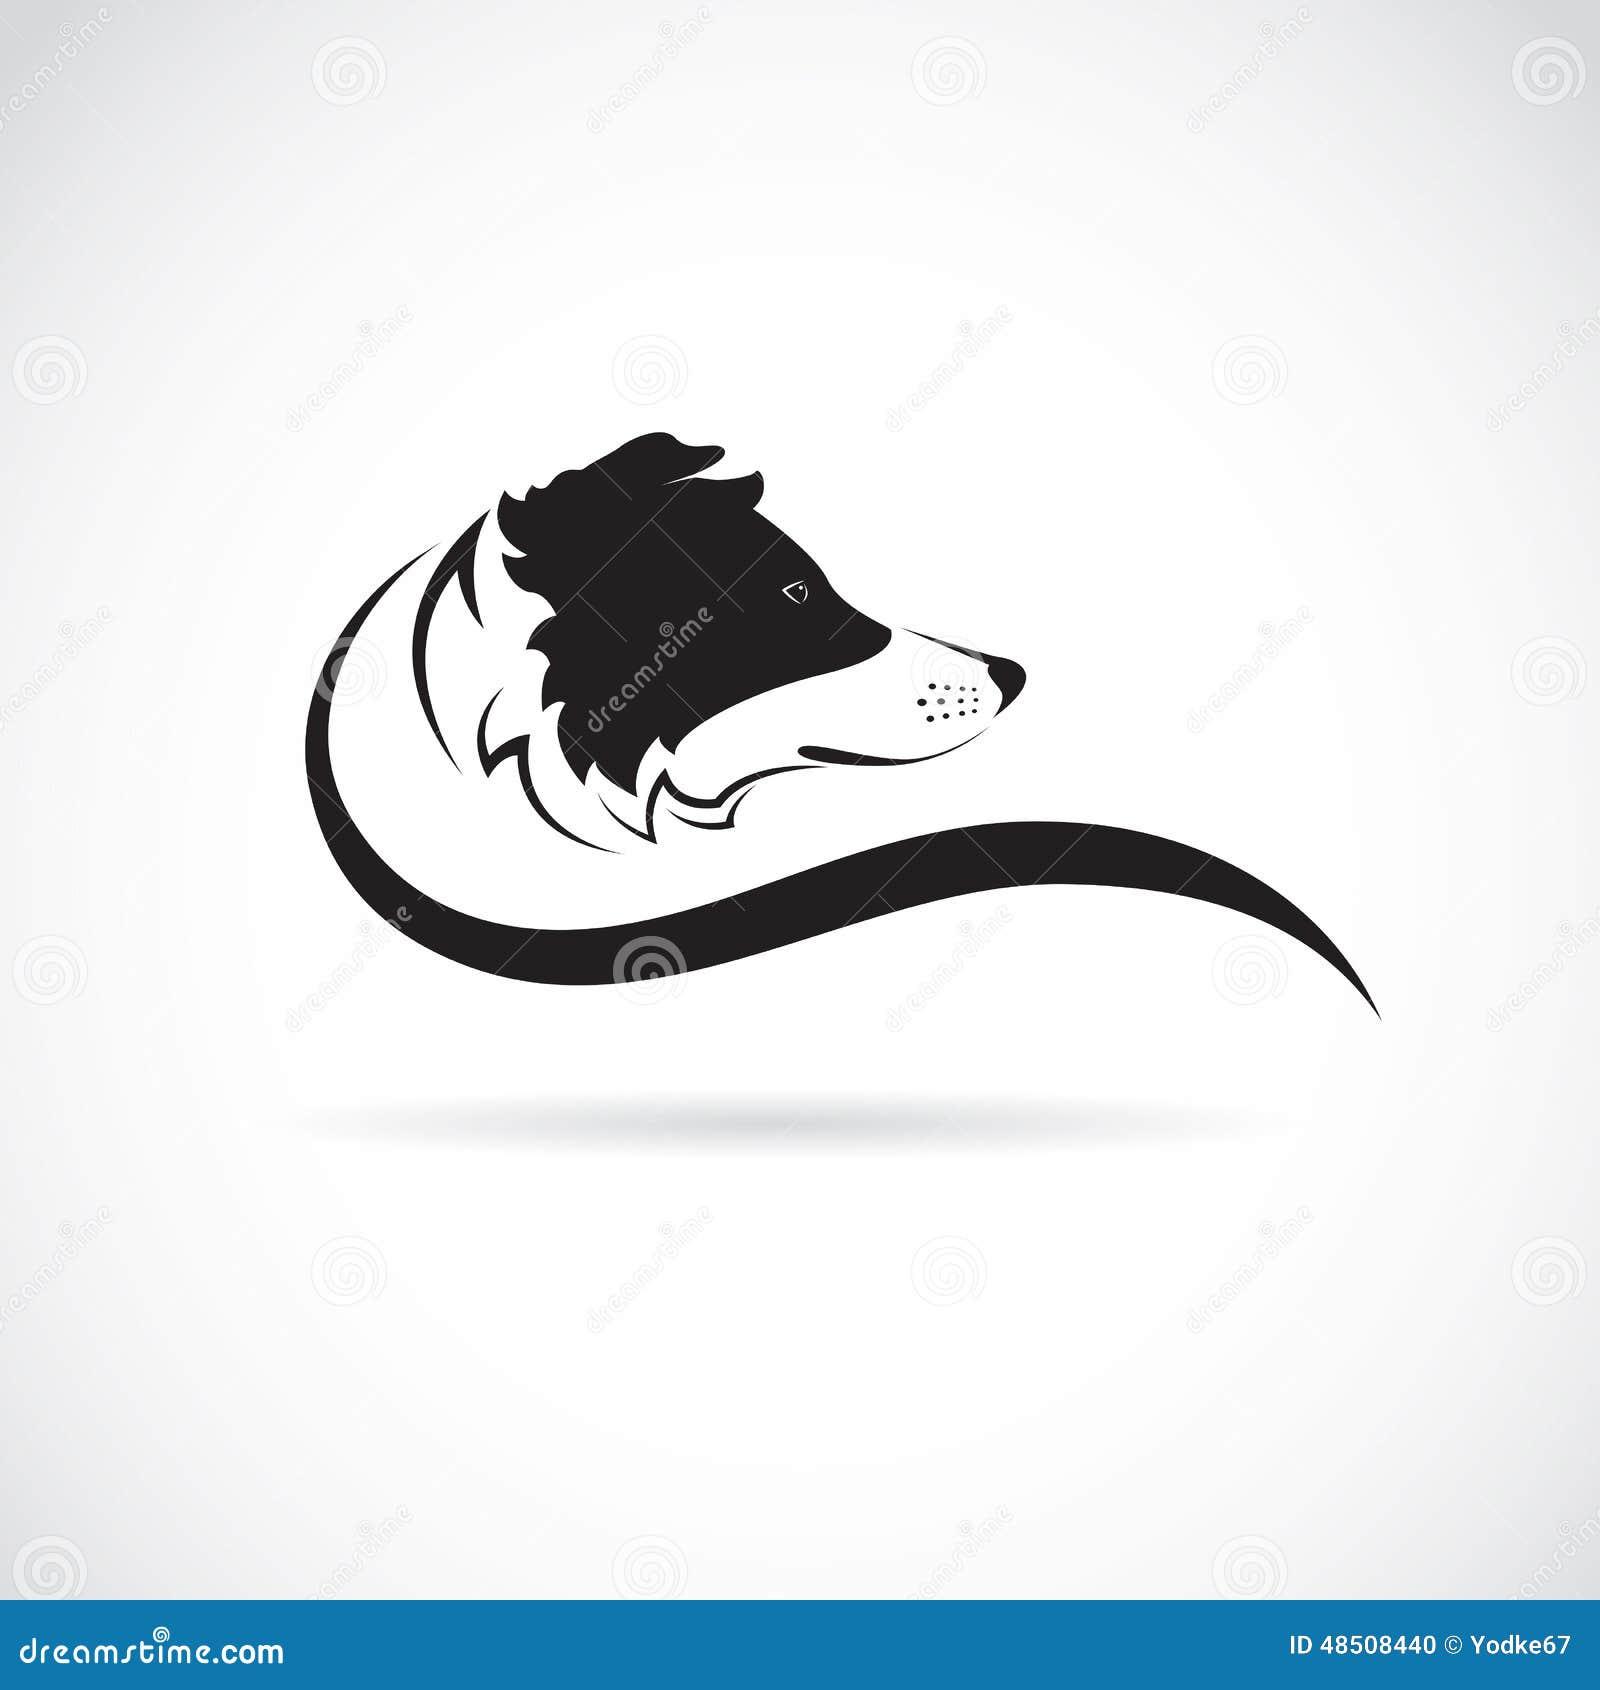 Immagine di vettore di un cane di border collie - Colorazione immagine di un cane ...